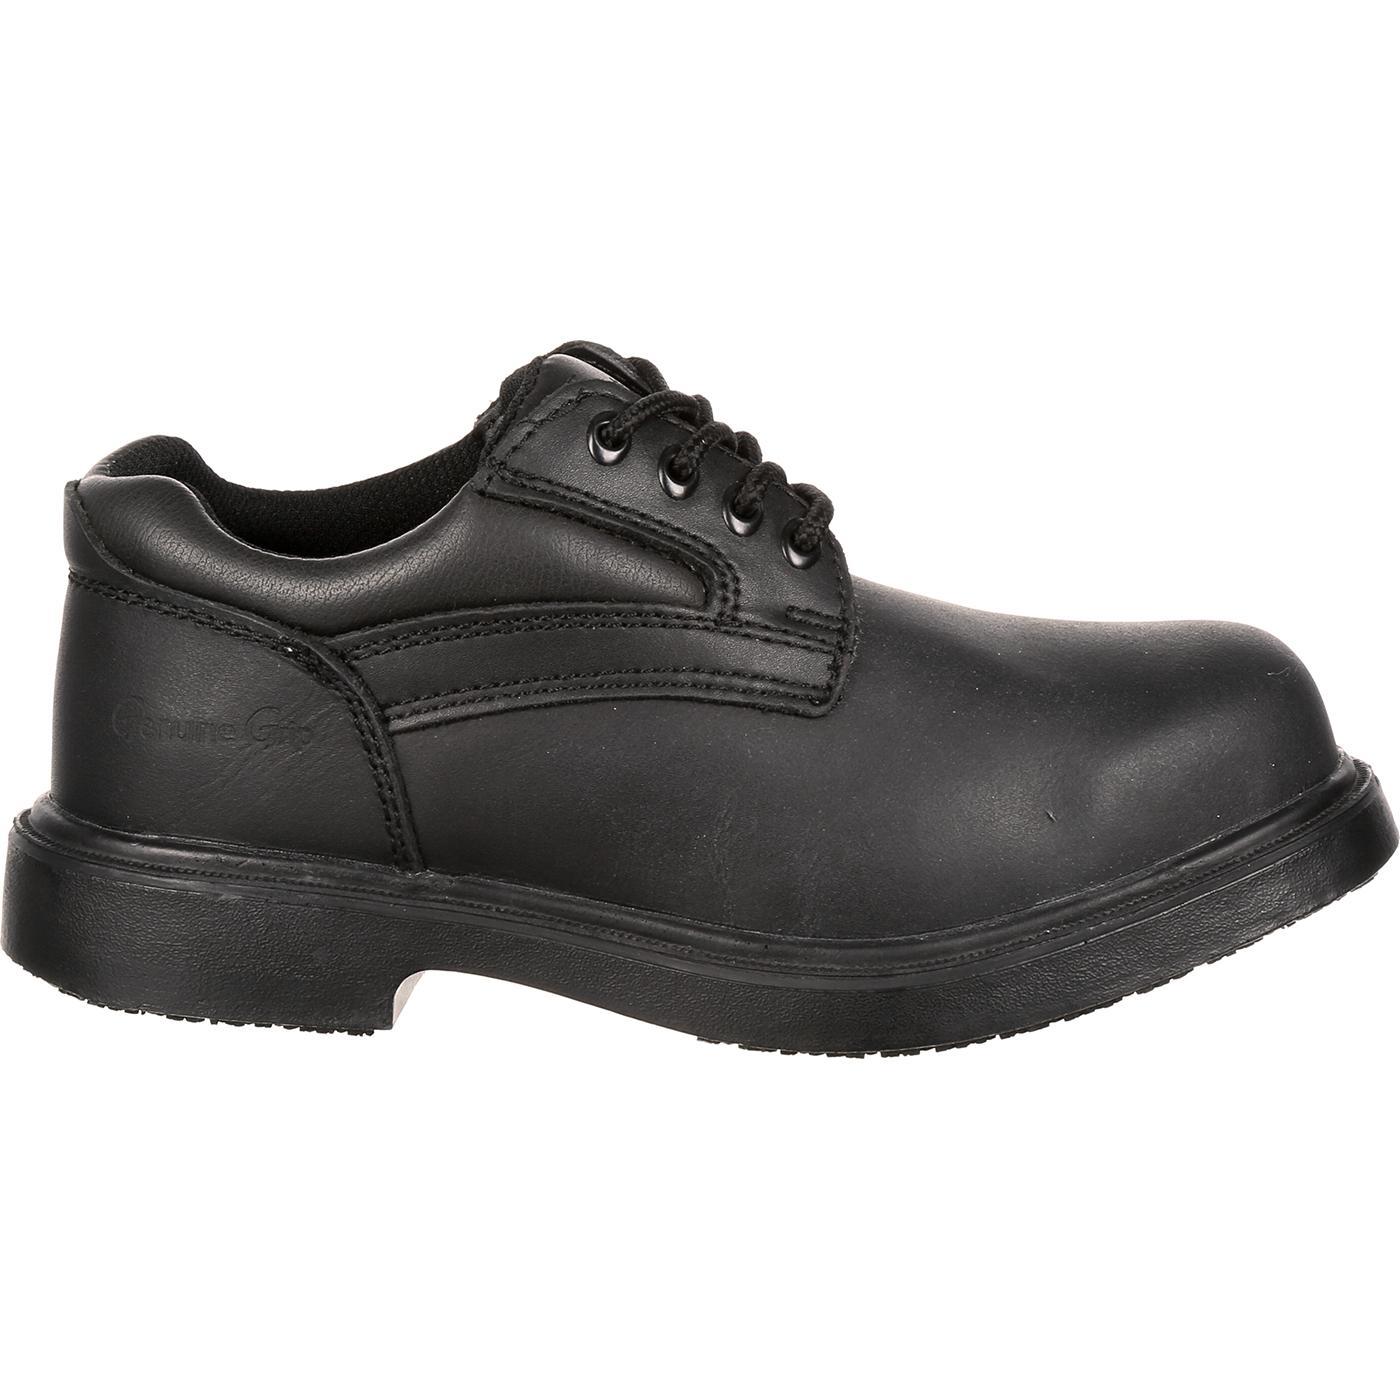 926feb11ef Genuine Grip Women s Slip-Resistant Steel Toe Oxford